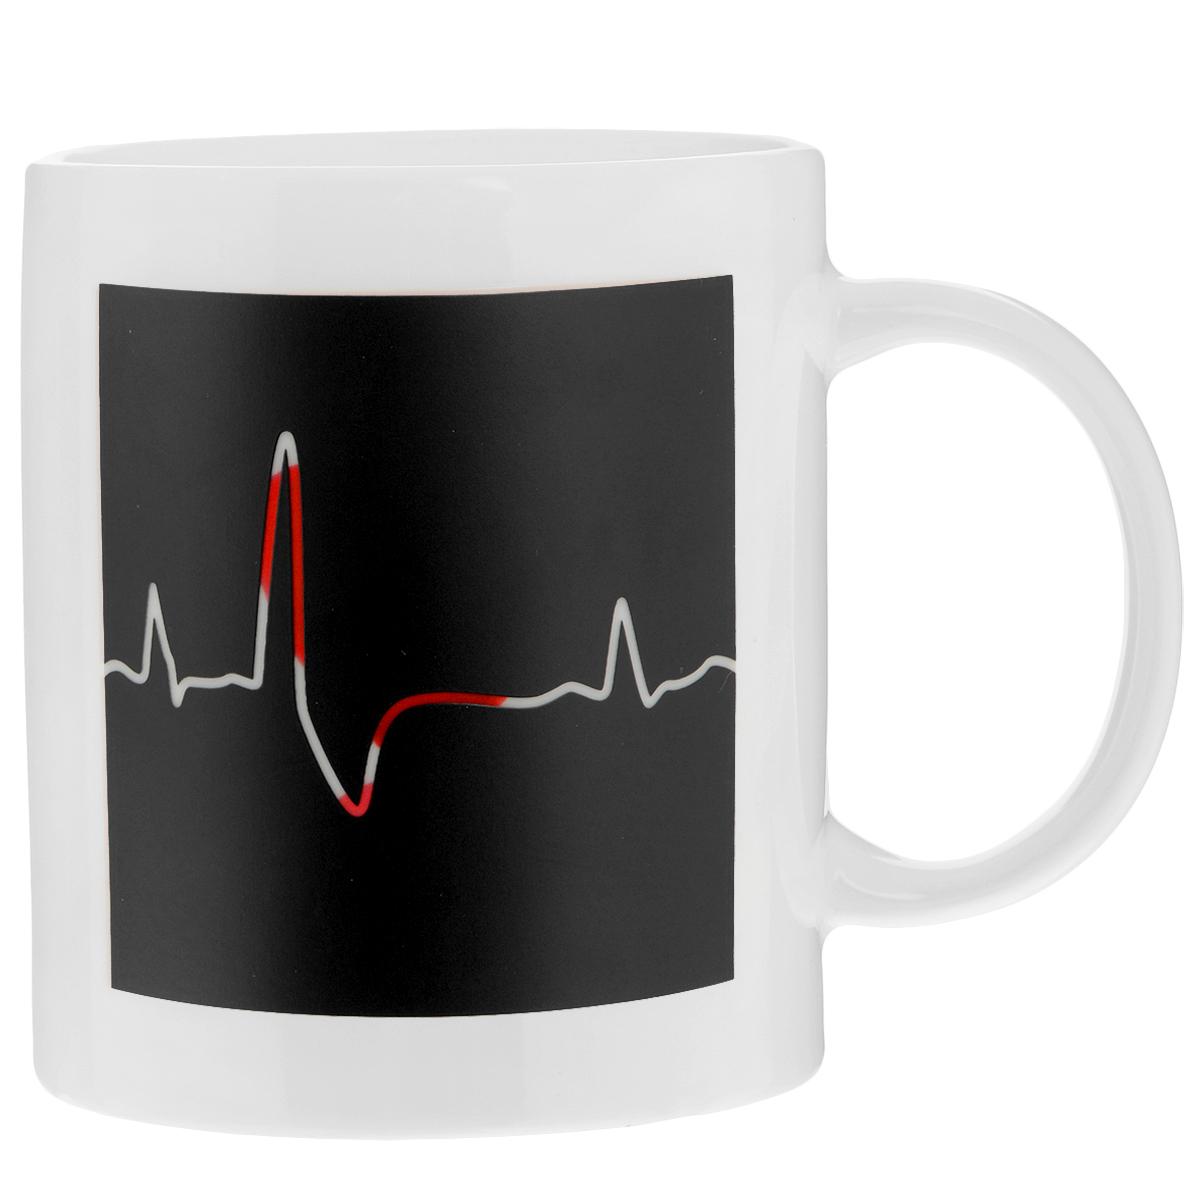 Кружка Биение сердца, 350 мл96312Кружка-хамелеон Биение сердца выполнена из высококачественного фарфора. Изменяет рисунок при нагреве. В холодном состоянии на кружке нарисовано графическое изображение биения сердца. Если в нее налить горячий напиток, то рисунок меняет цвет с темного на светлый, а на светлом поле проявляется рисунок красного сердца и надпись I Love U. Такой подарок станет не только приятным, но и практичным сувениром: кружка станет незаменимым атрибутом чаепития, а оригинальный дизайн вызовет улыбку. Нельзя мыть в посудомоечной машине. Можно использовать в микроволновой печи.